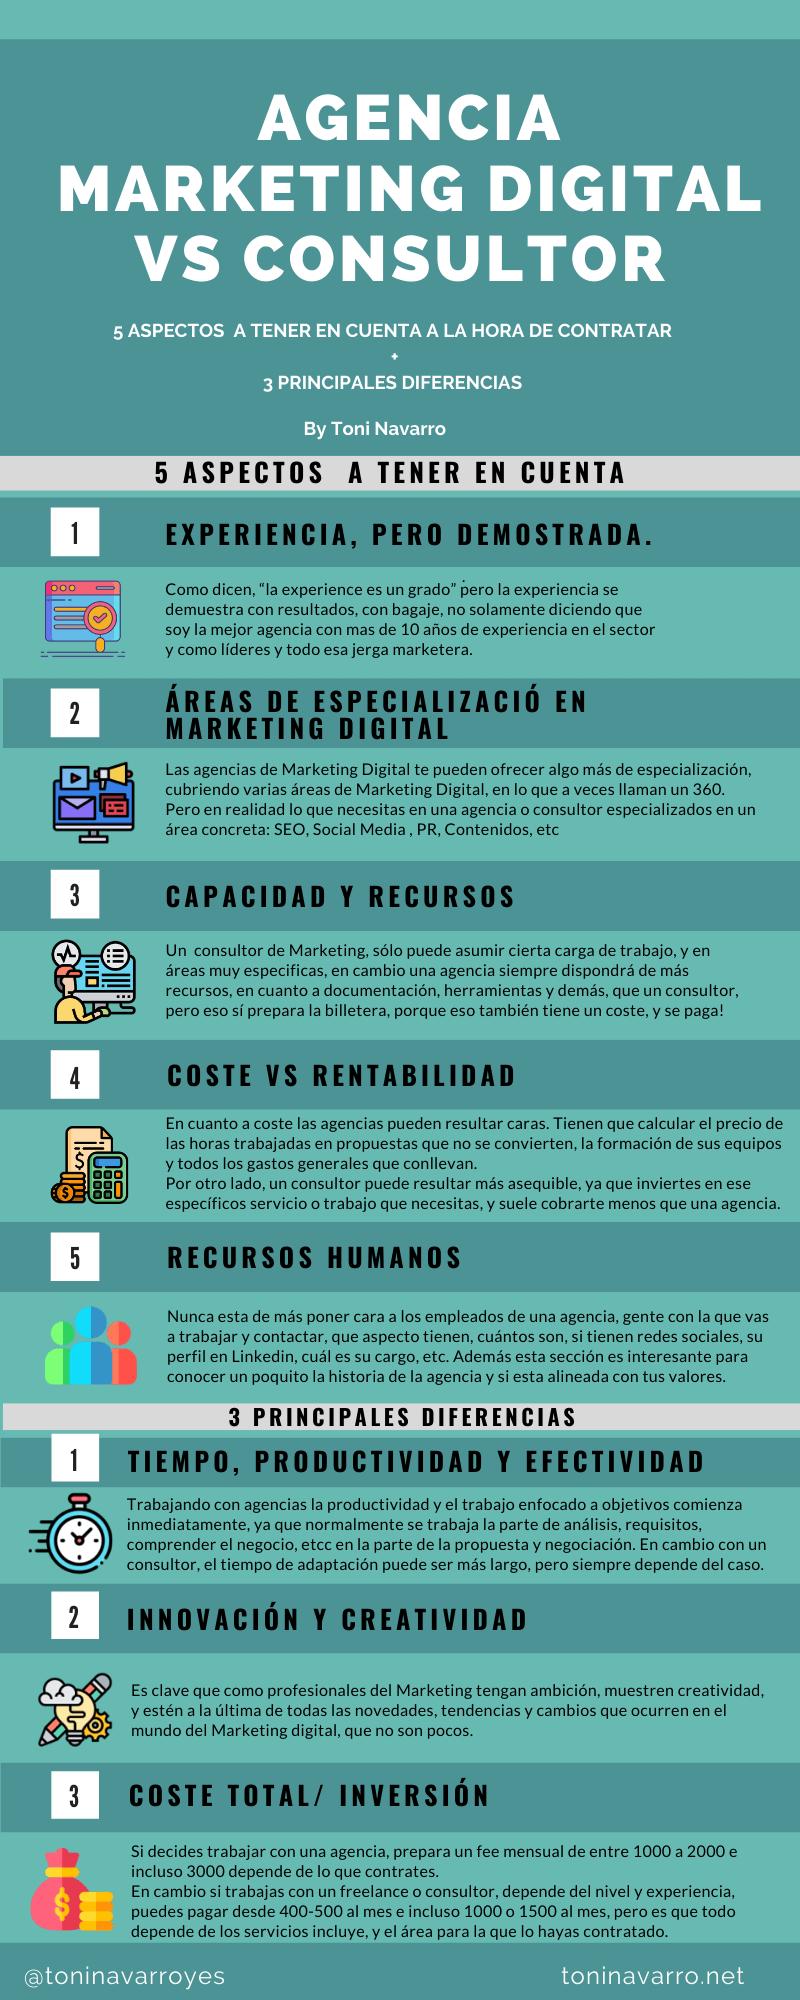 agencia-marketing-digital-vs-consultor